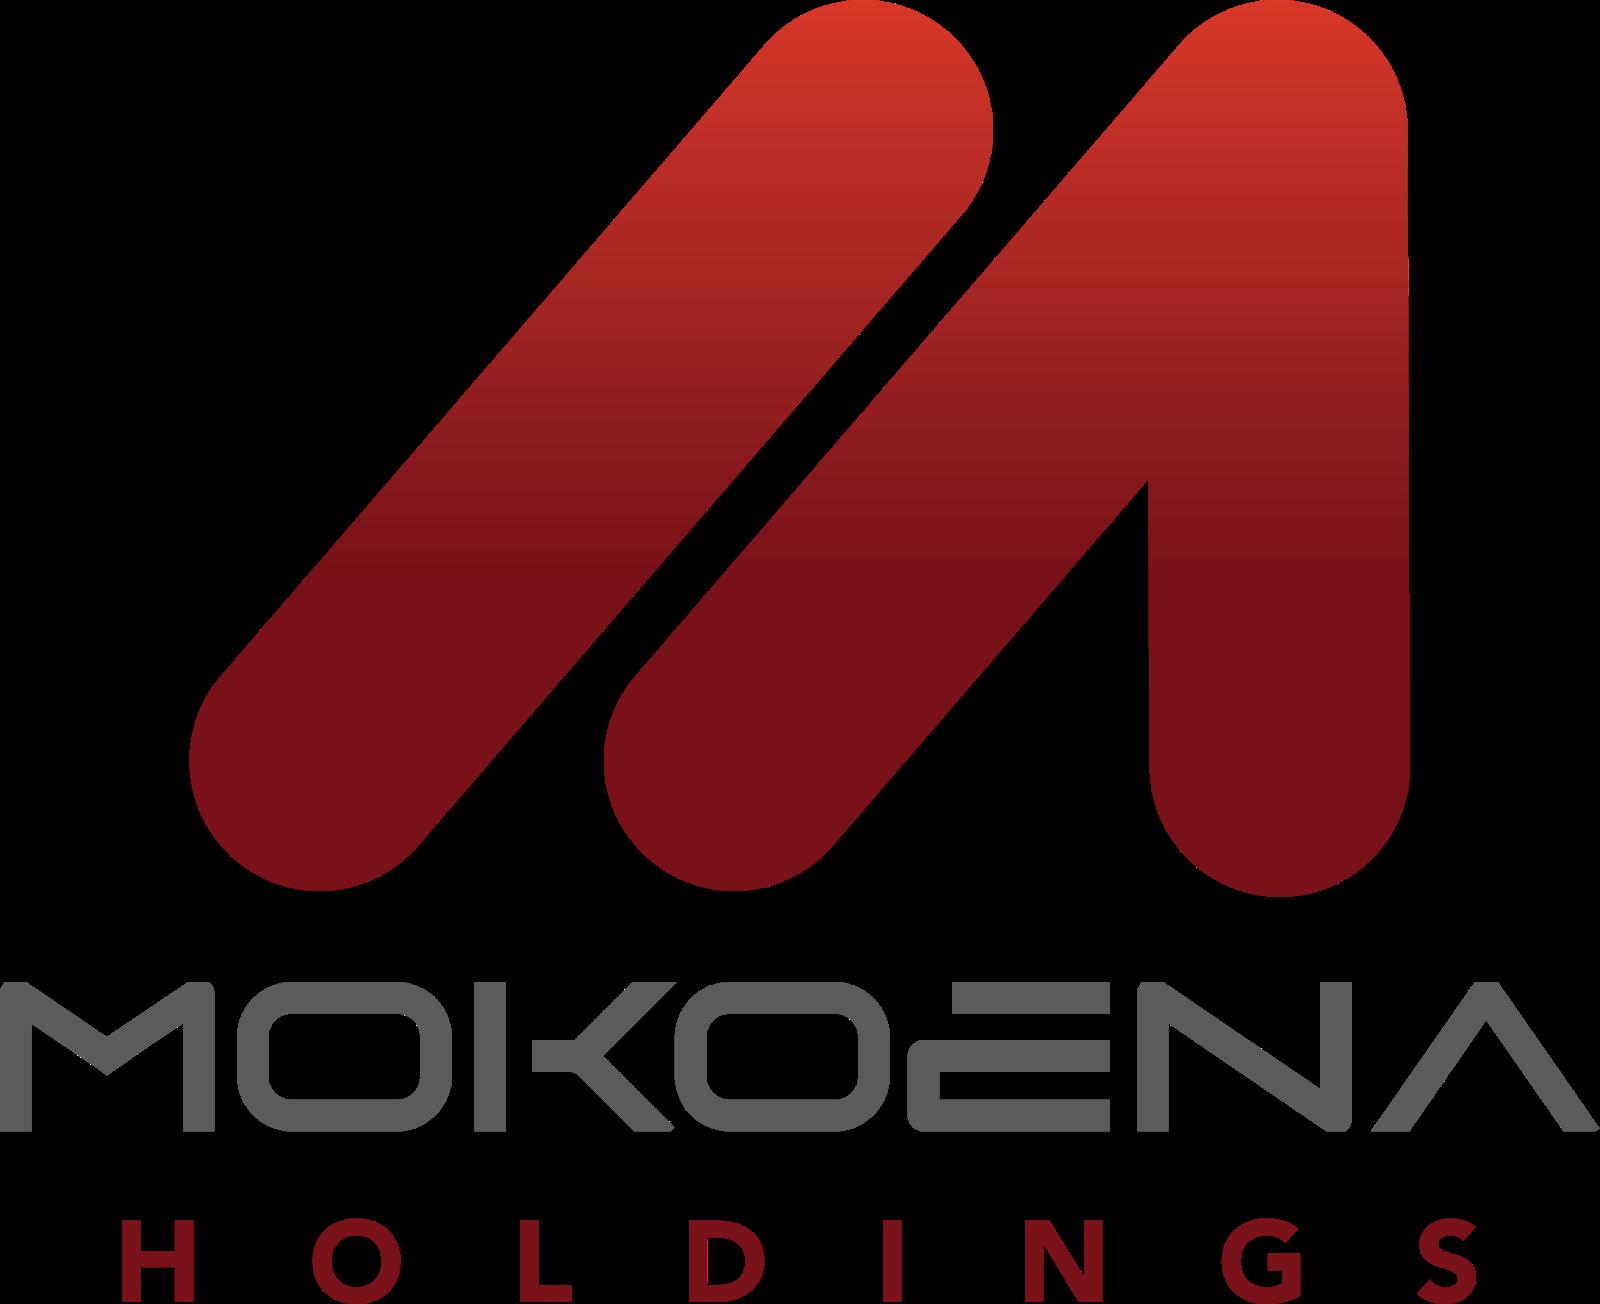 Mokoena Holdings Logo